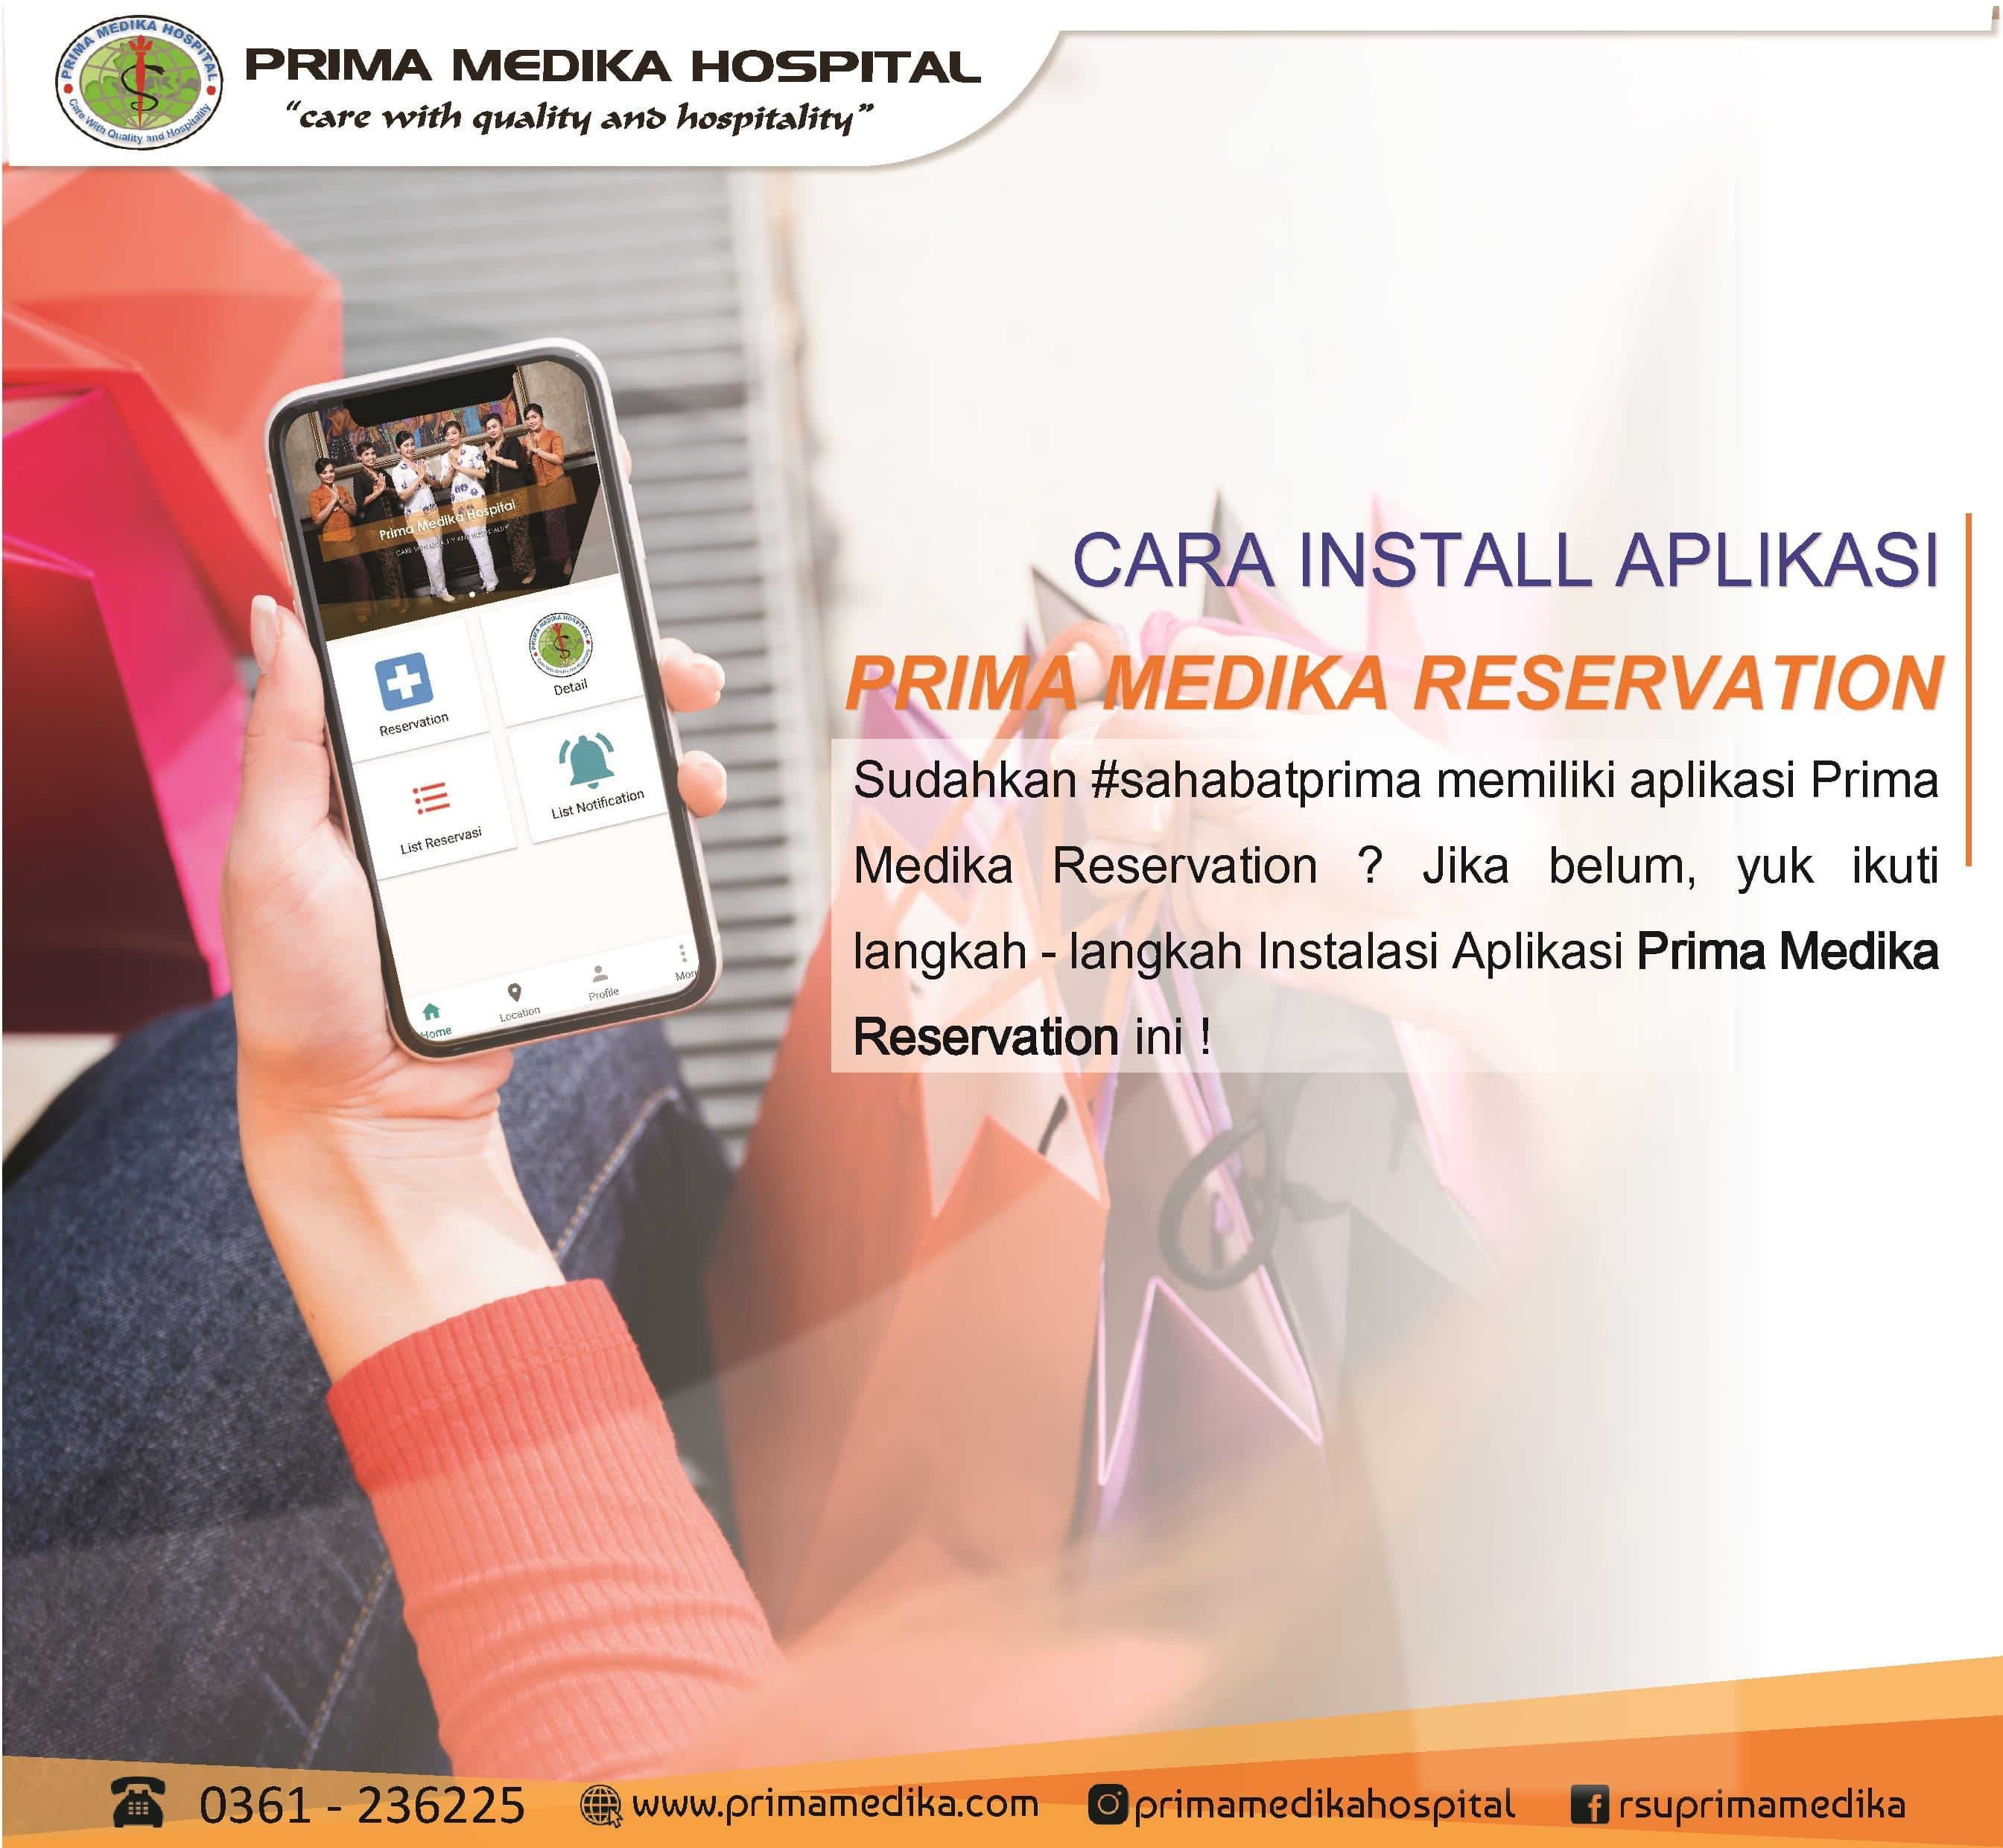 """Tata Cara Install Aplikasi """"Prima Medika Reservation"""" yuk simak !"""